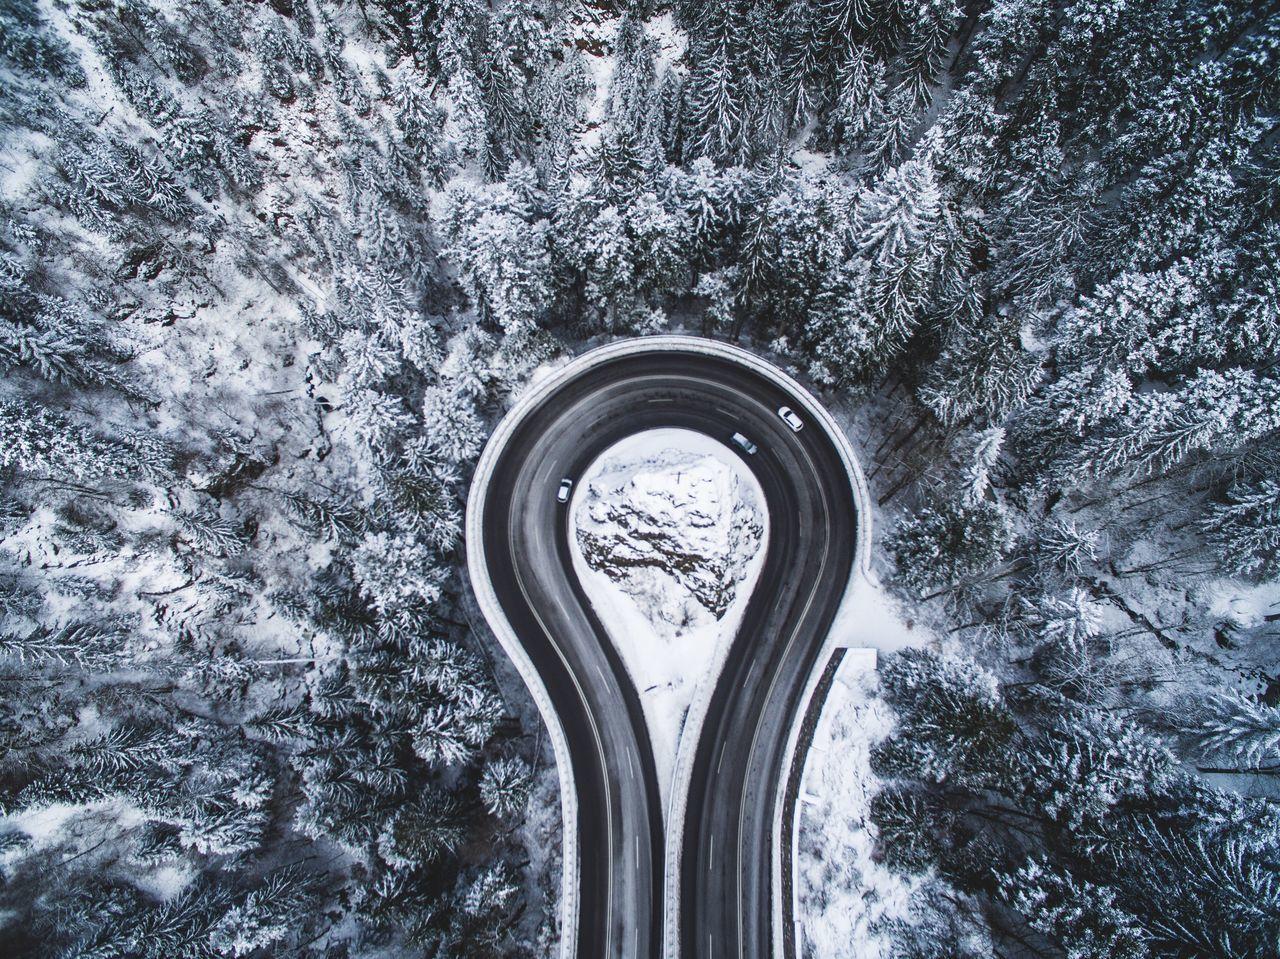 Full frame shot of road curve